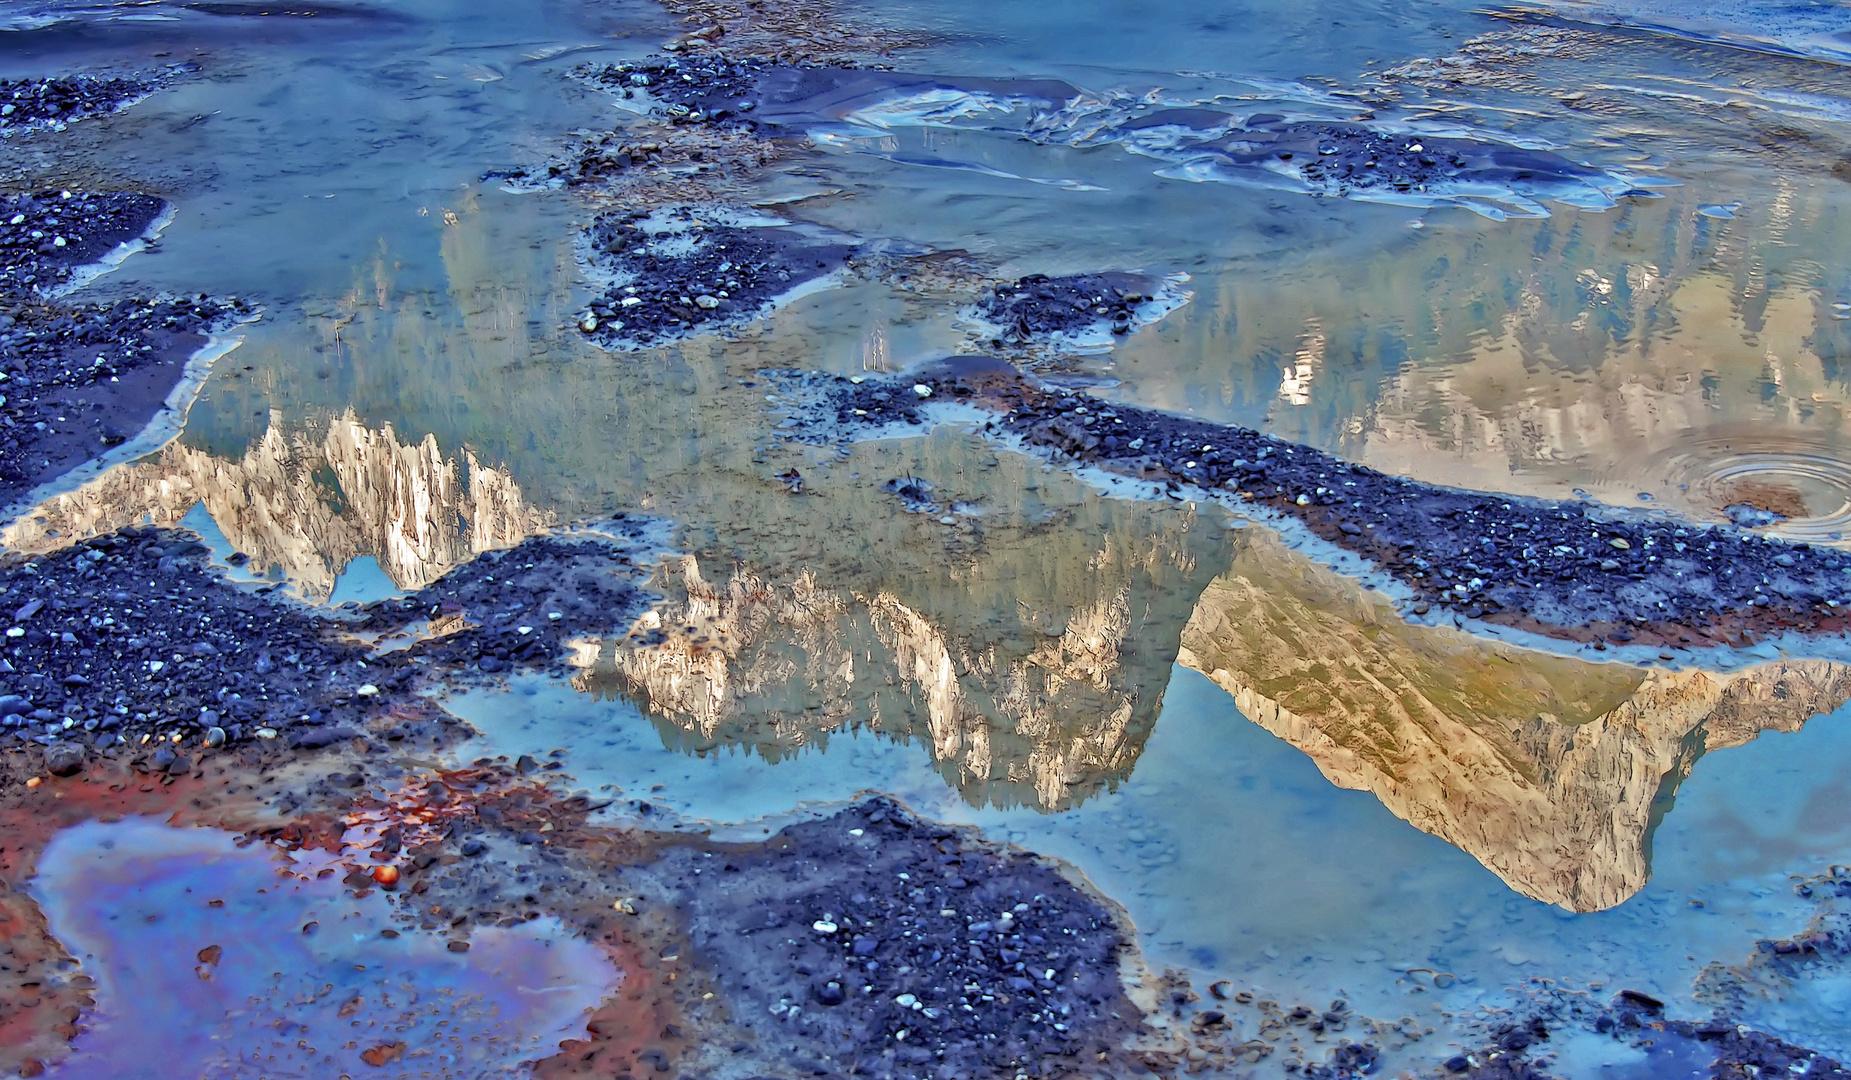 Pfützen am Boden eines fast ausgetrockneten Sees. - Les reflets des hautes montagnes dans l'eau...